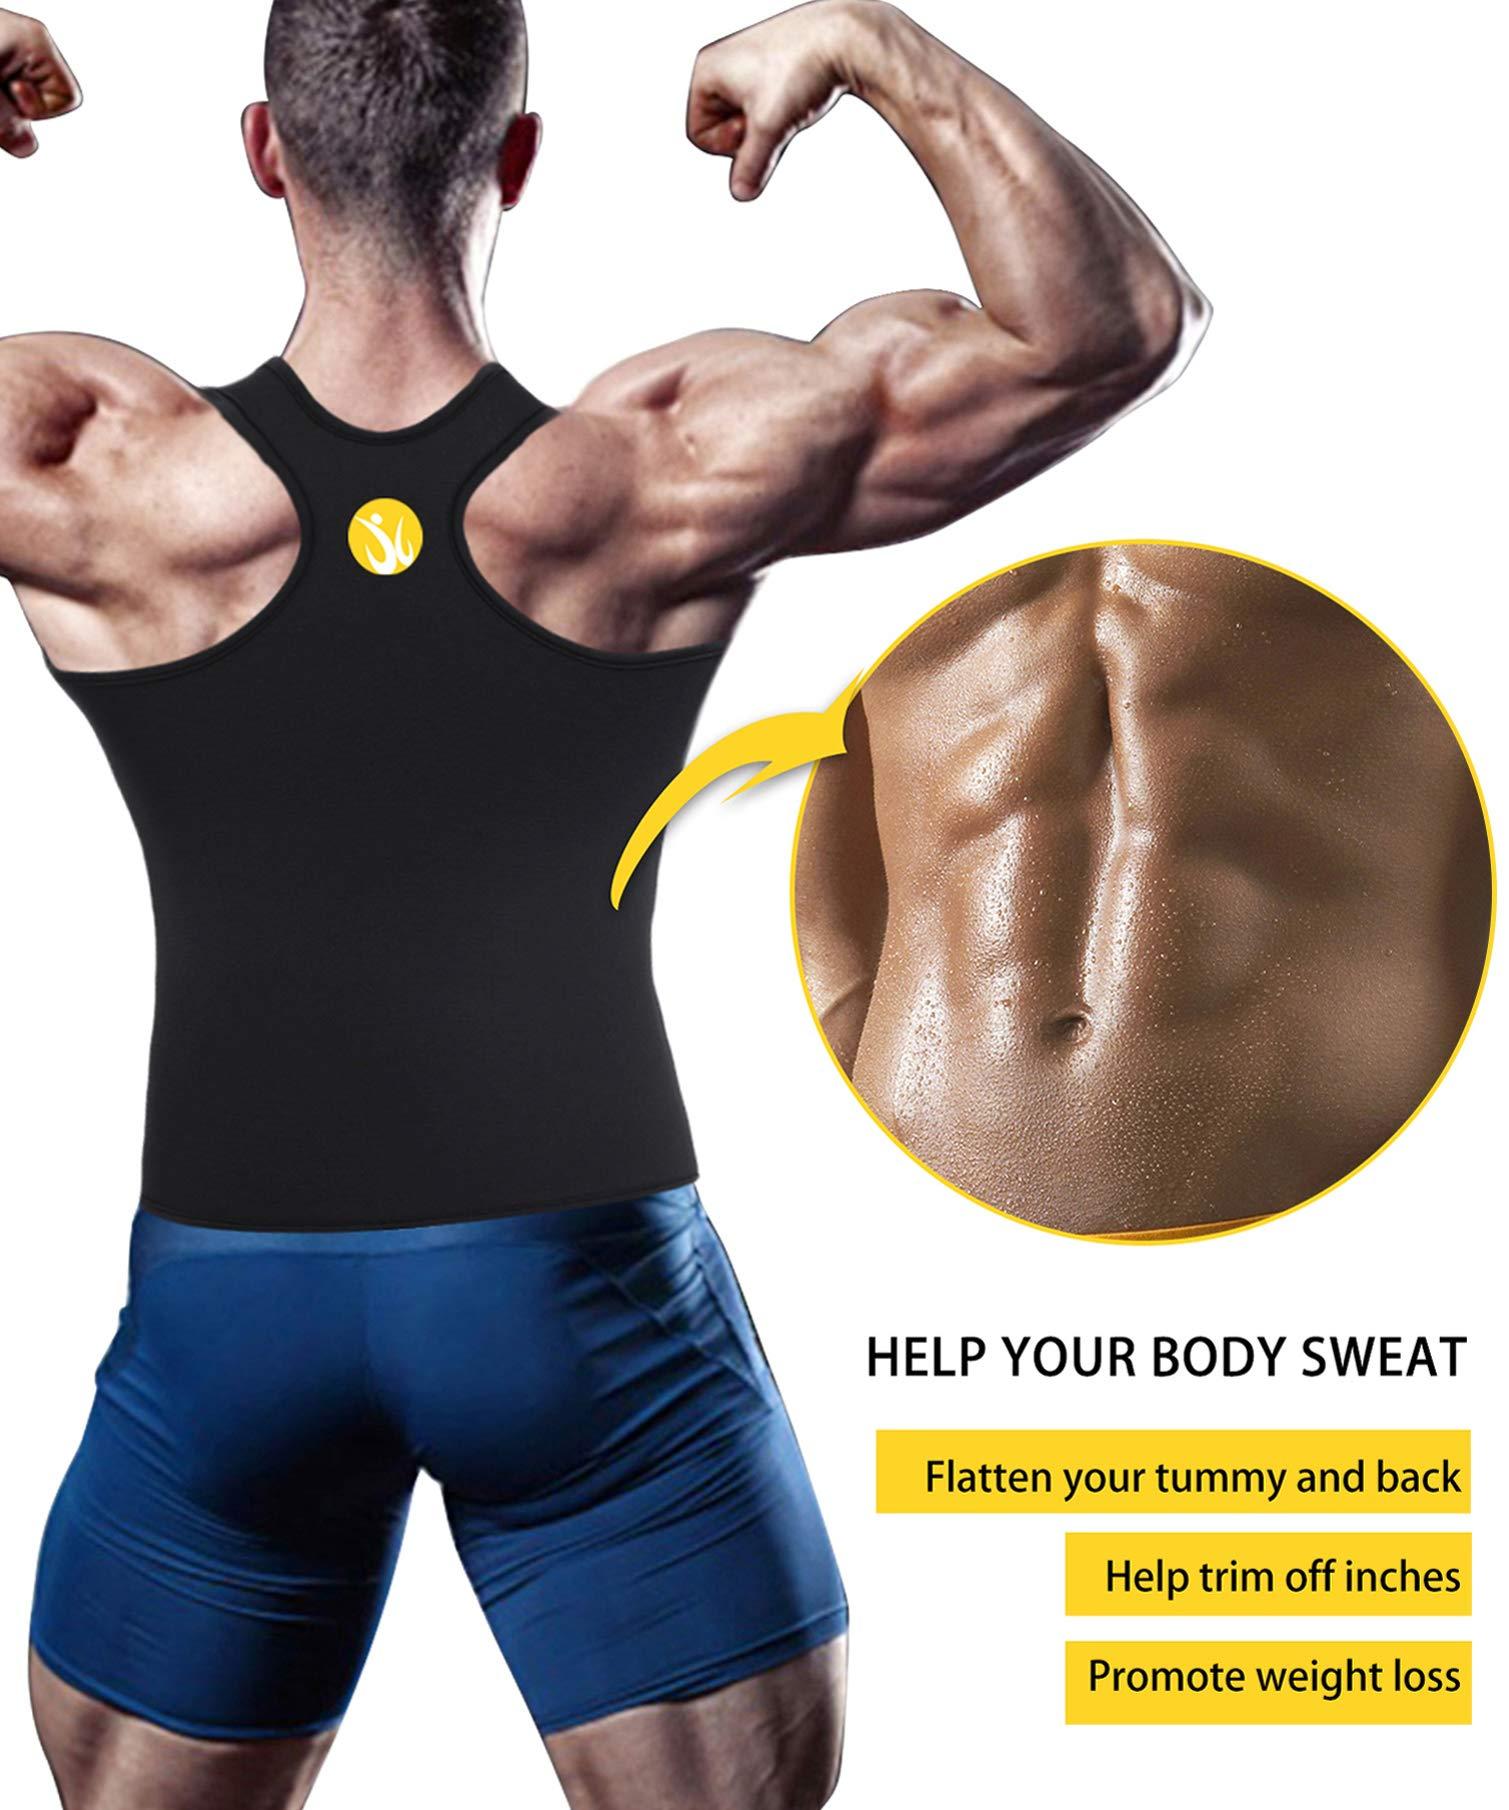 6c1d6fe38e Junlan Men Sweat Waist Trainer Tank Top Vest for Weight Loss Neoprene  Workout Shirt Sauna Body Shaper Fitness Gym Corset Zipper (XXXXL